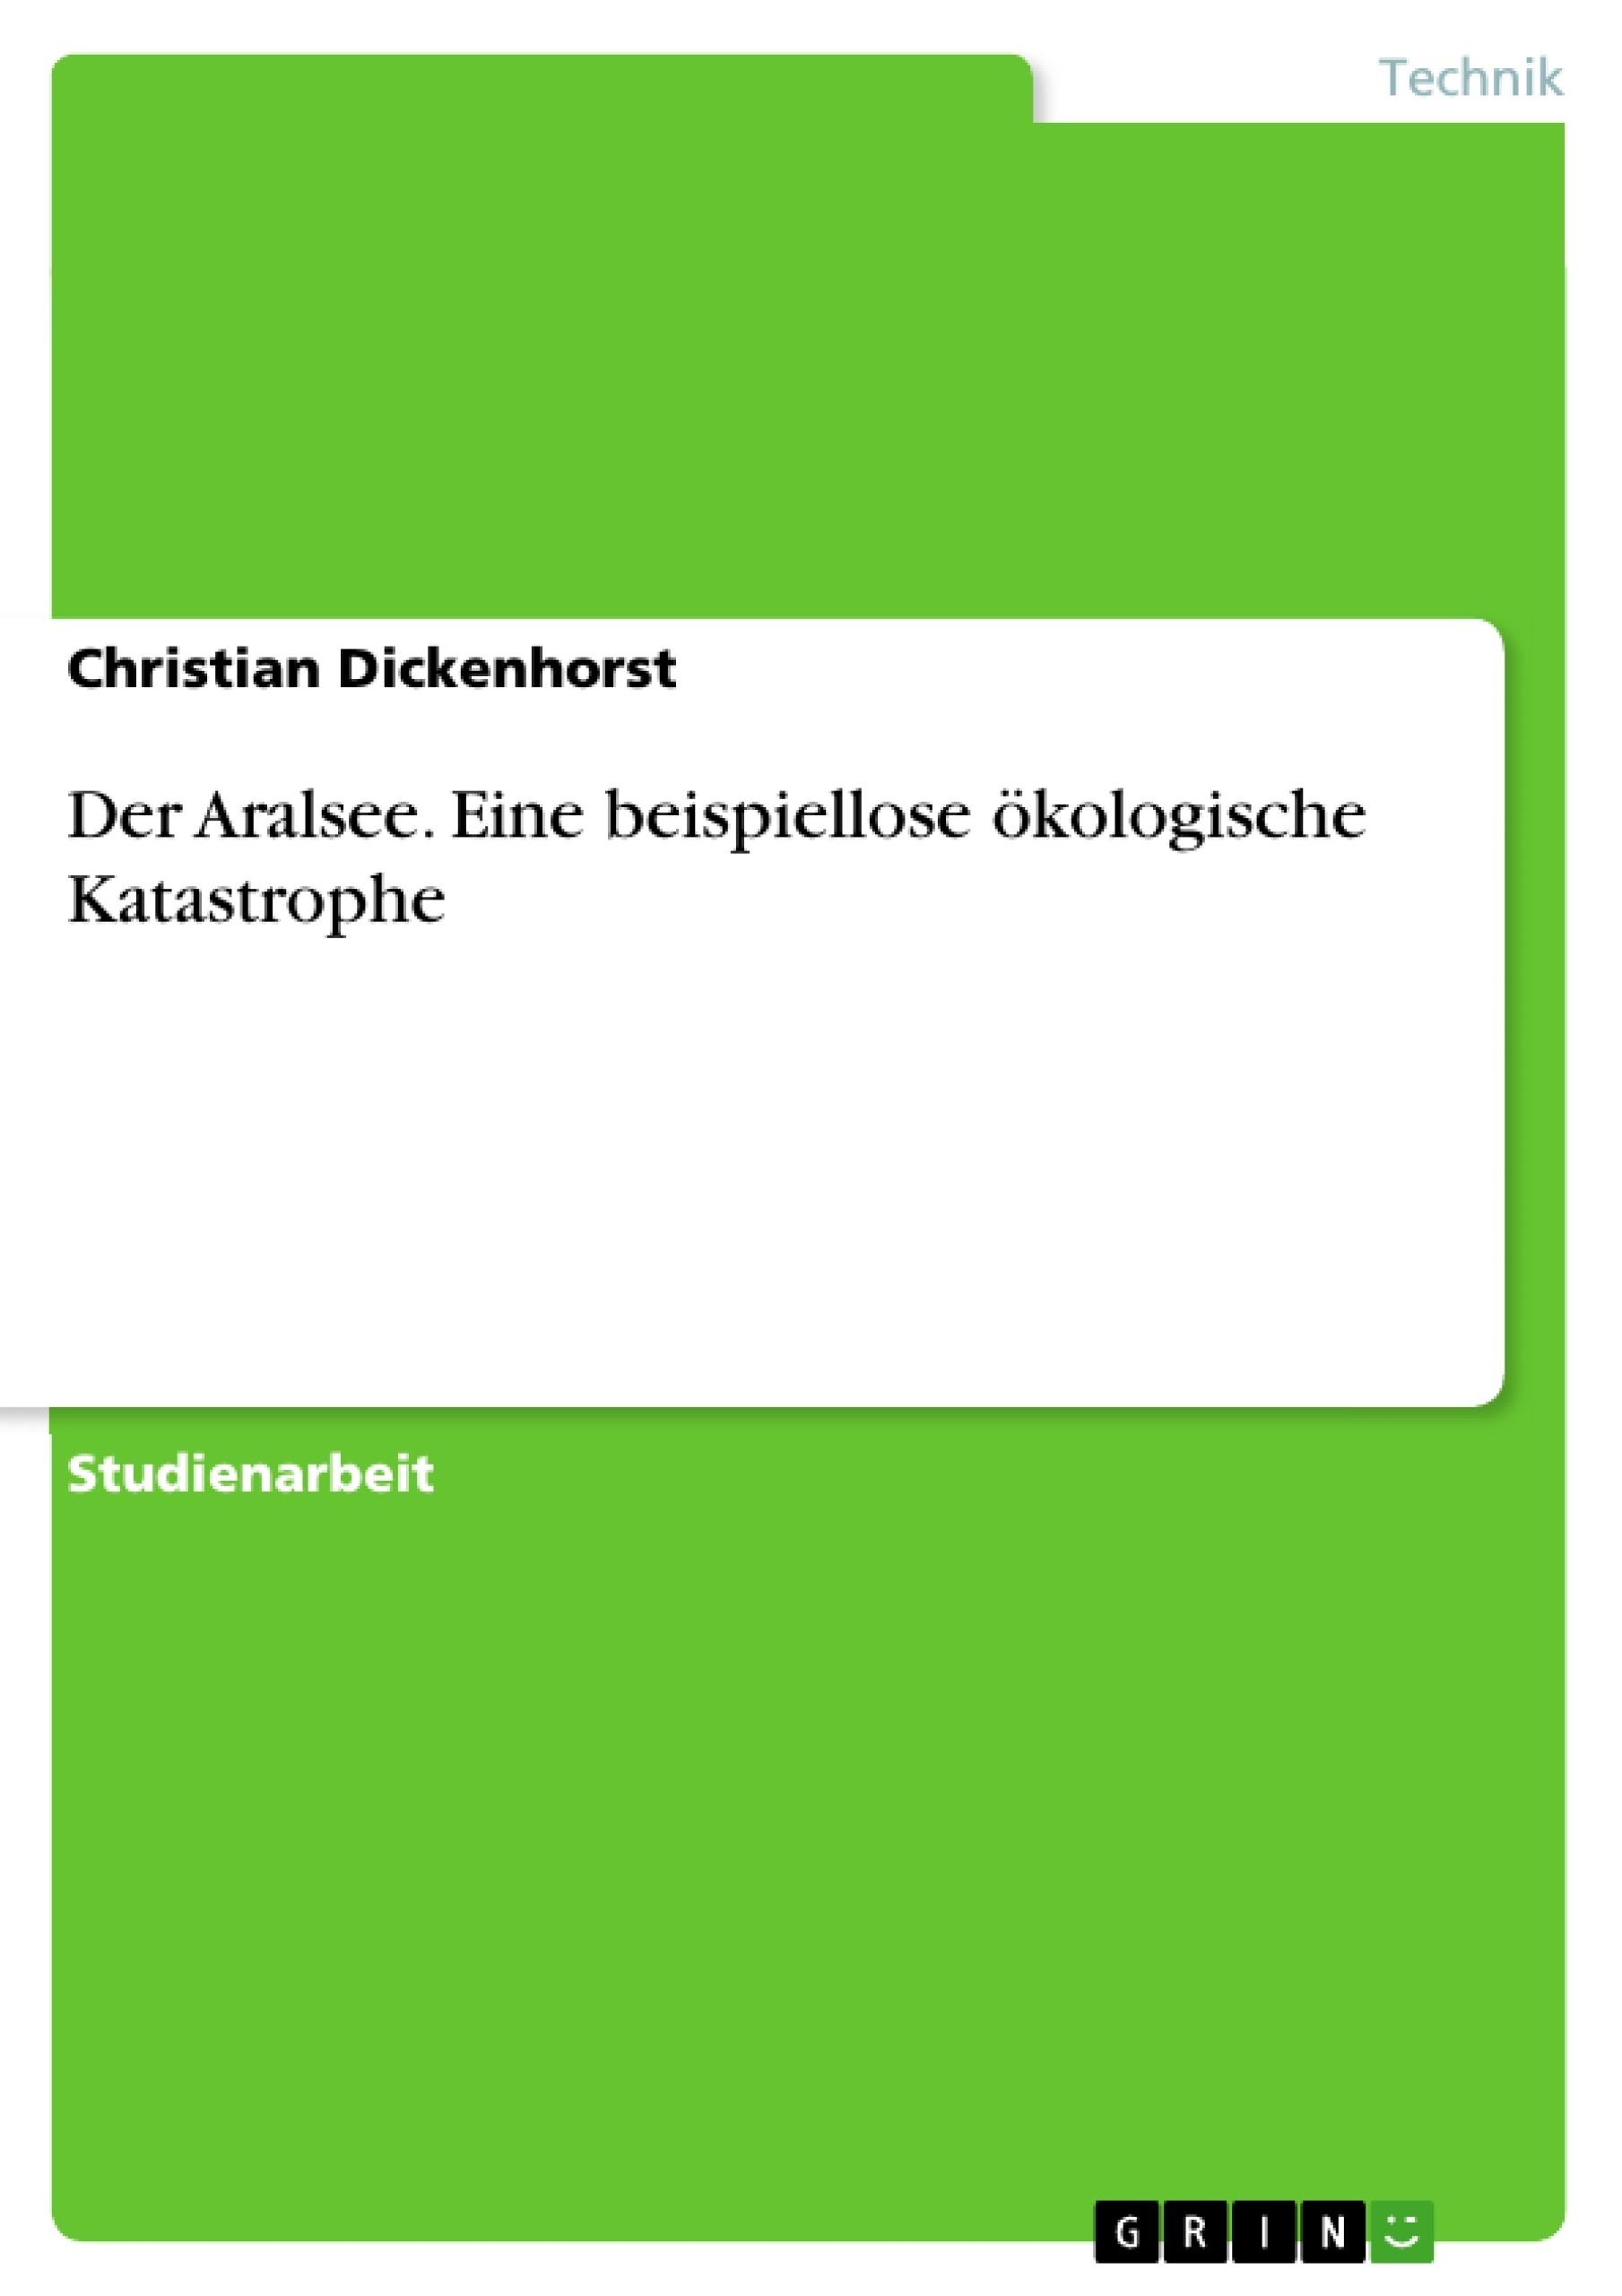 Großzügig Zusammenfassung Profil Lebenslauf Zeitgenössisch - Entry ...